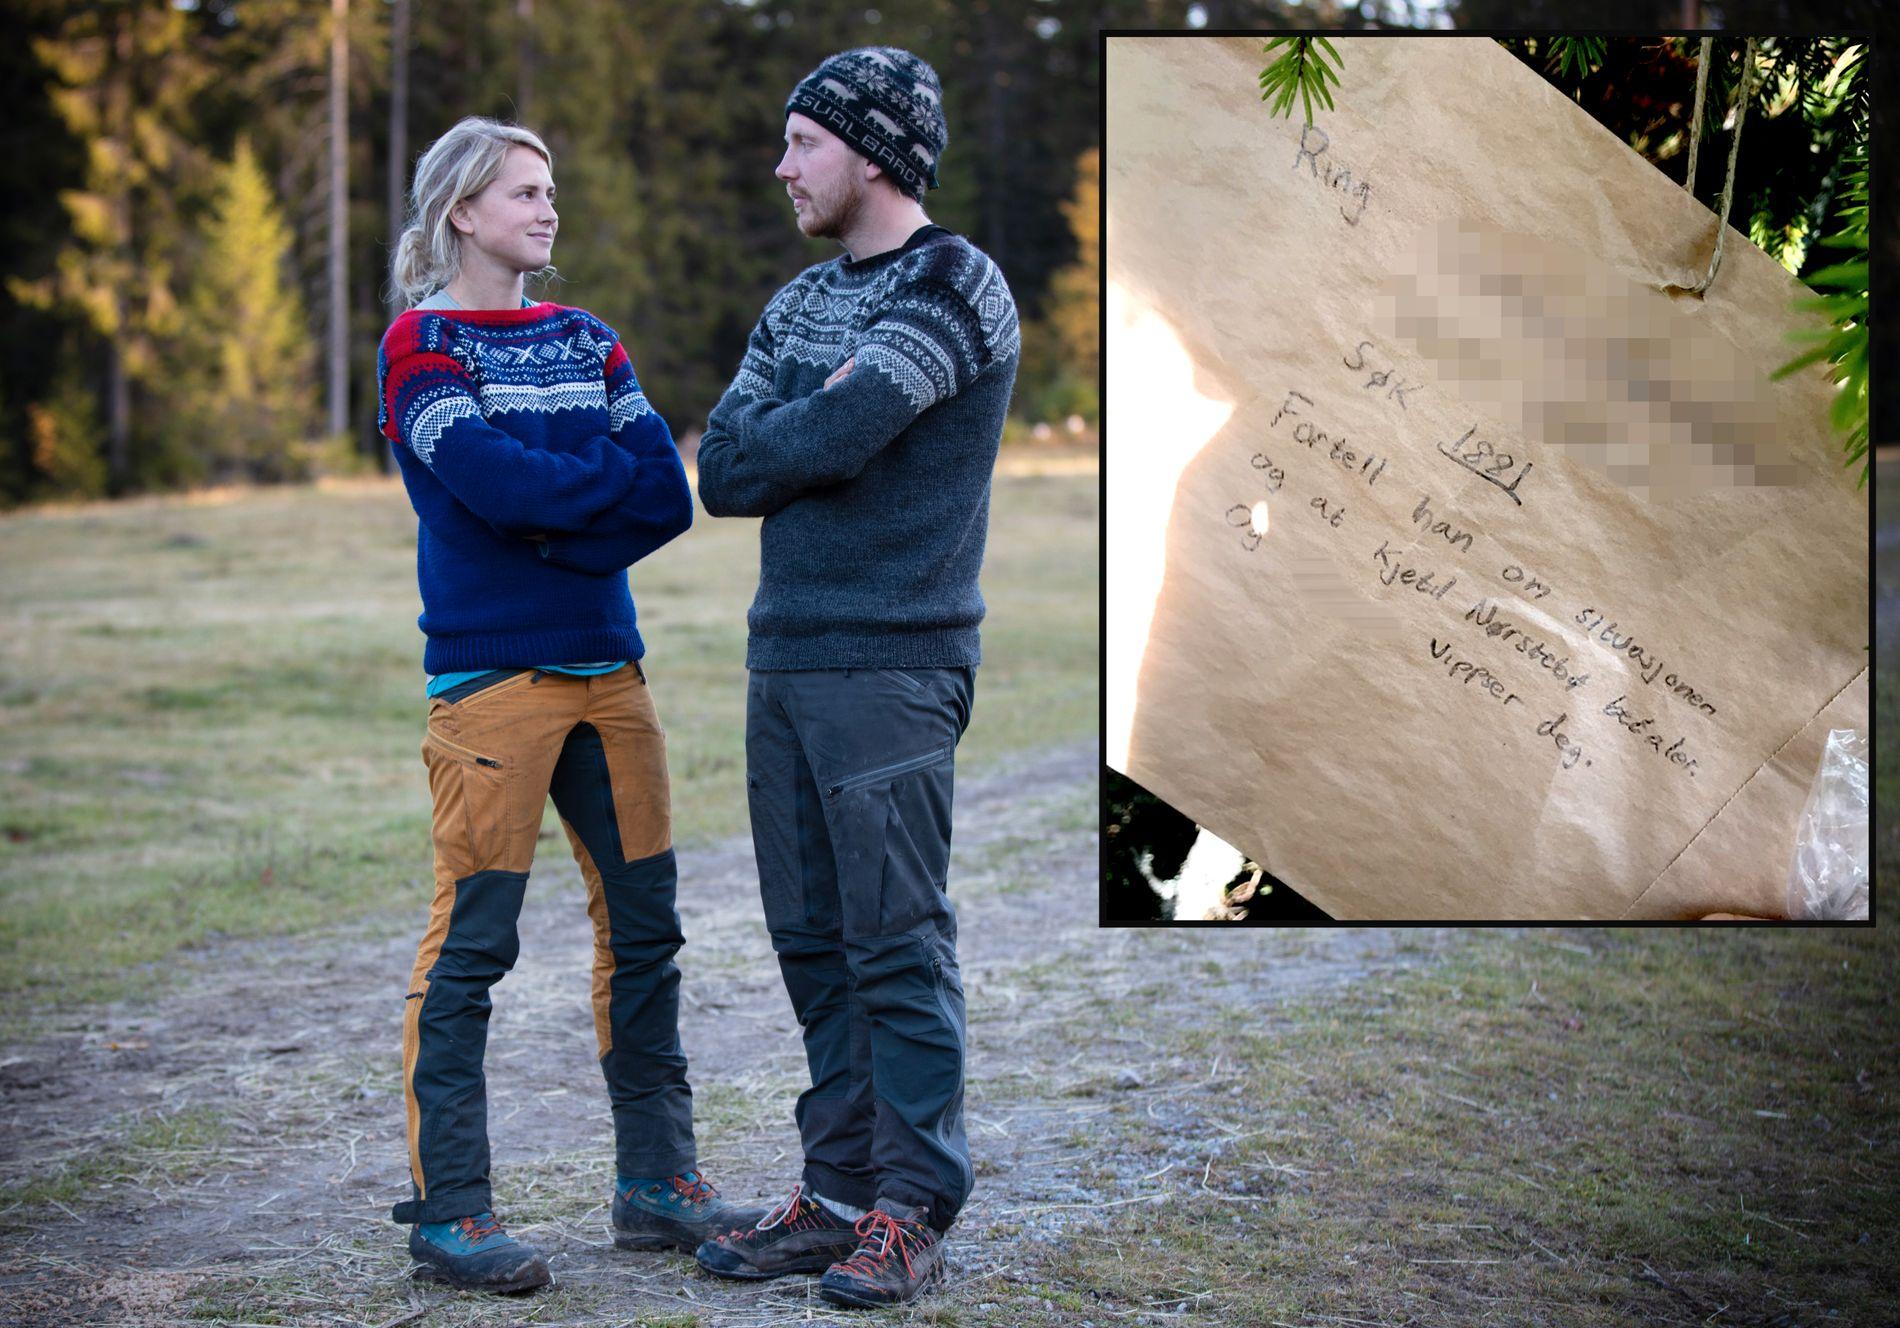 SAMARBEIDET: Begge finalistene, Tonje Frøystad Garvik og Ketil Nørstebø, var med på å hamstre mat fra utsiden under innspillingen av «Farmen», noe TV 2 synes at er trist.